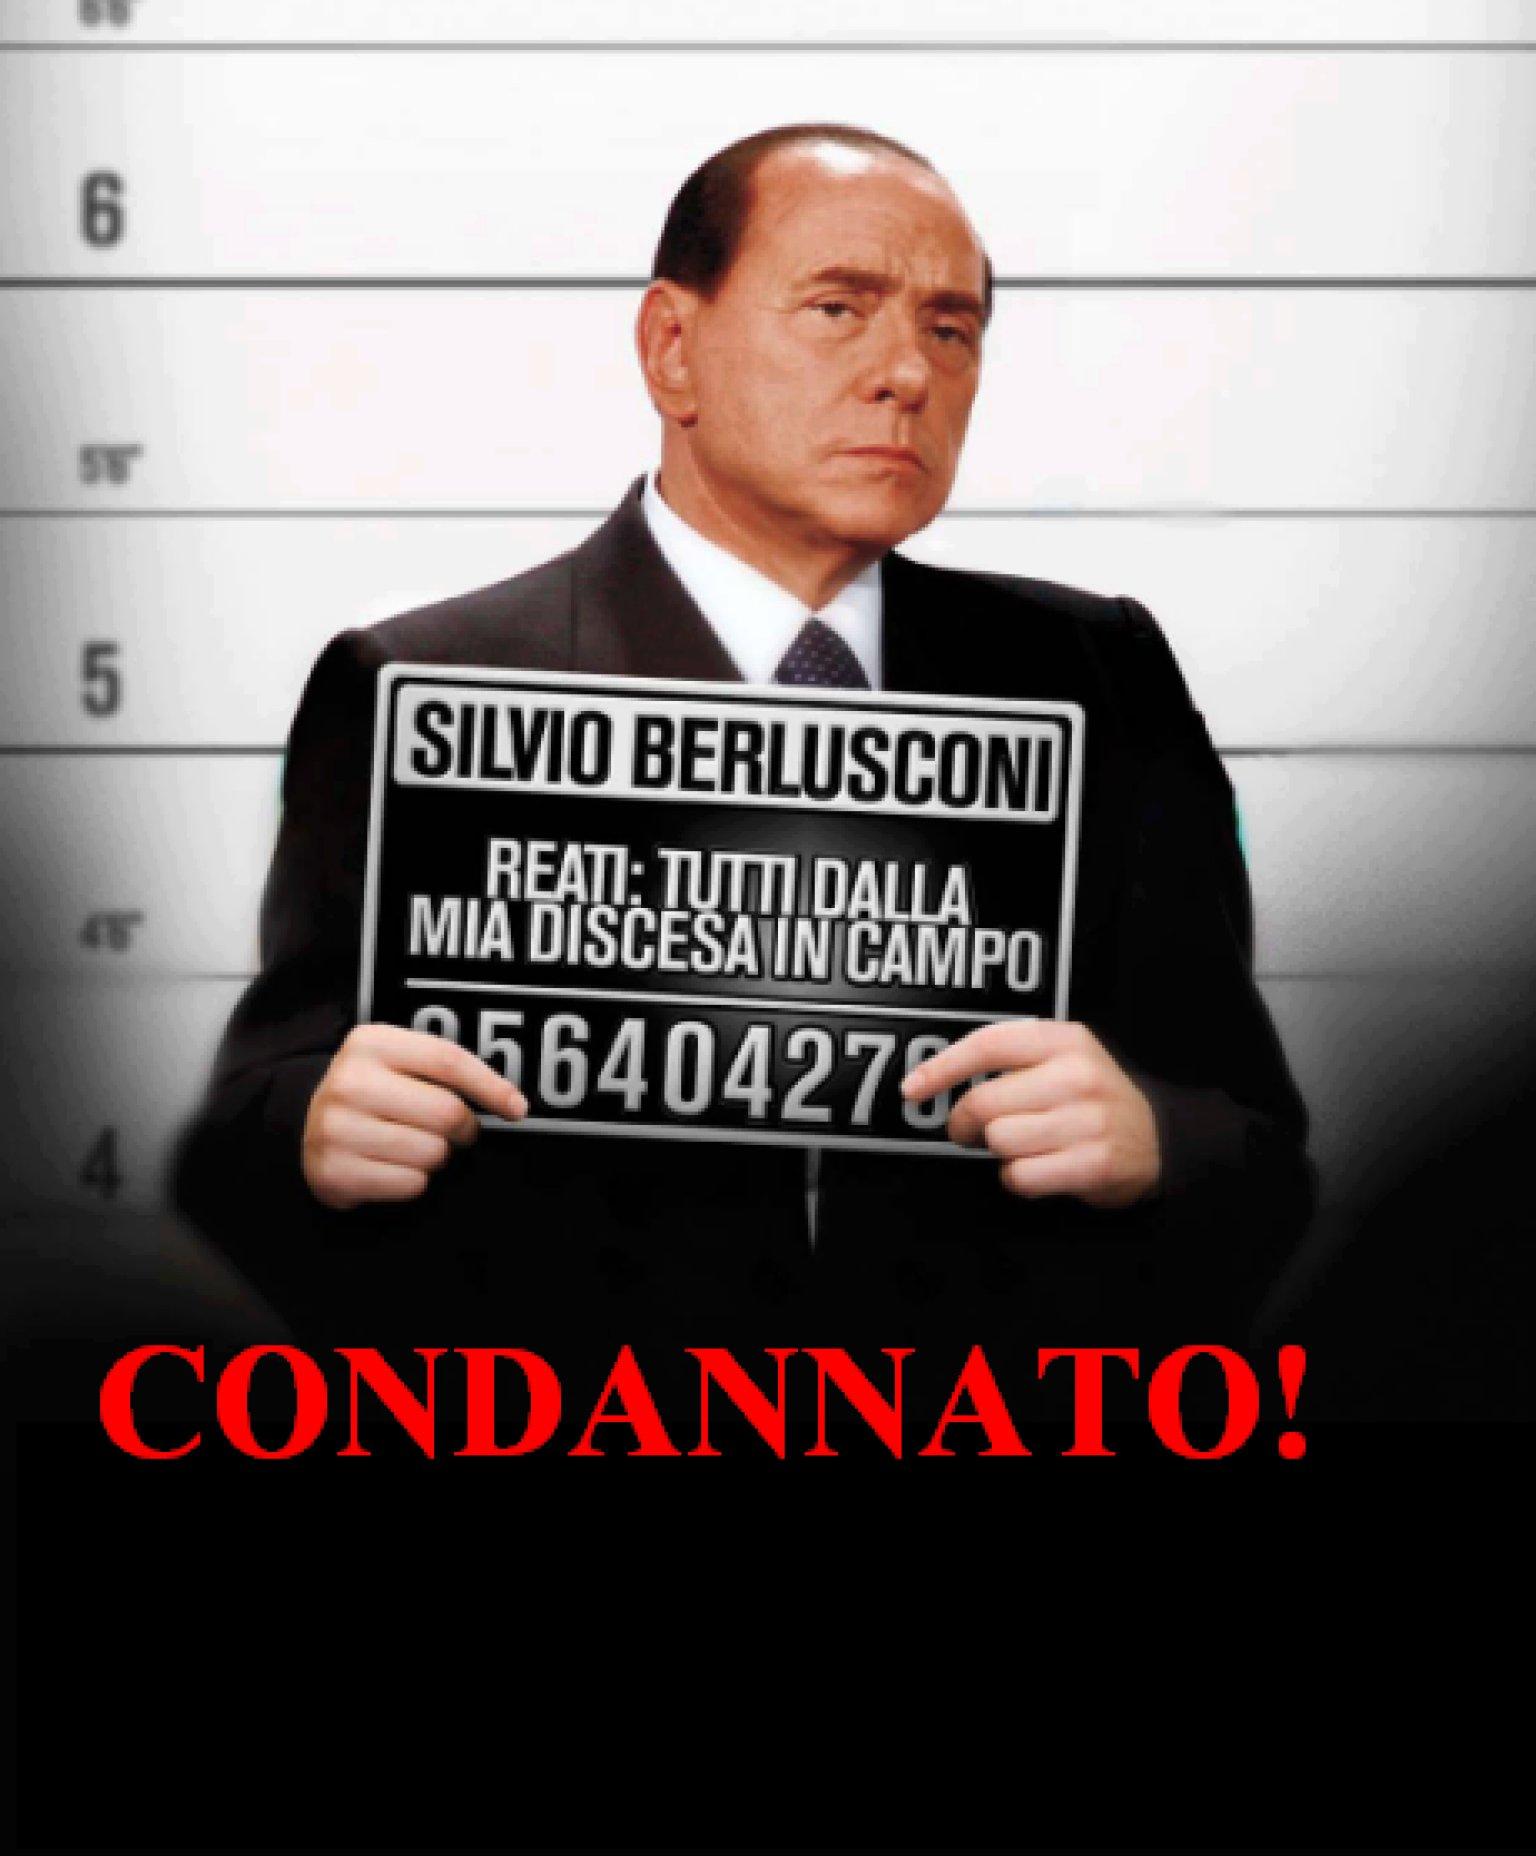 Berlusconi condannato: ecco i possibili futuri scenari